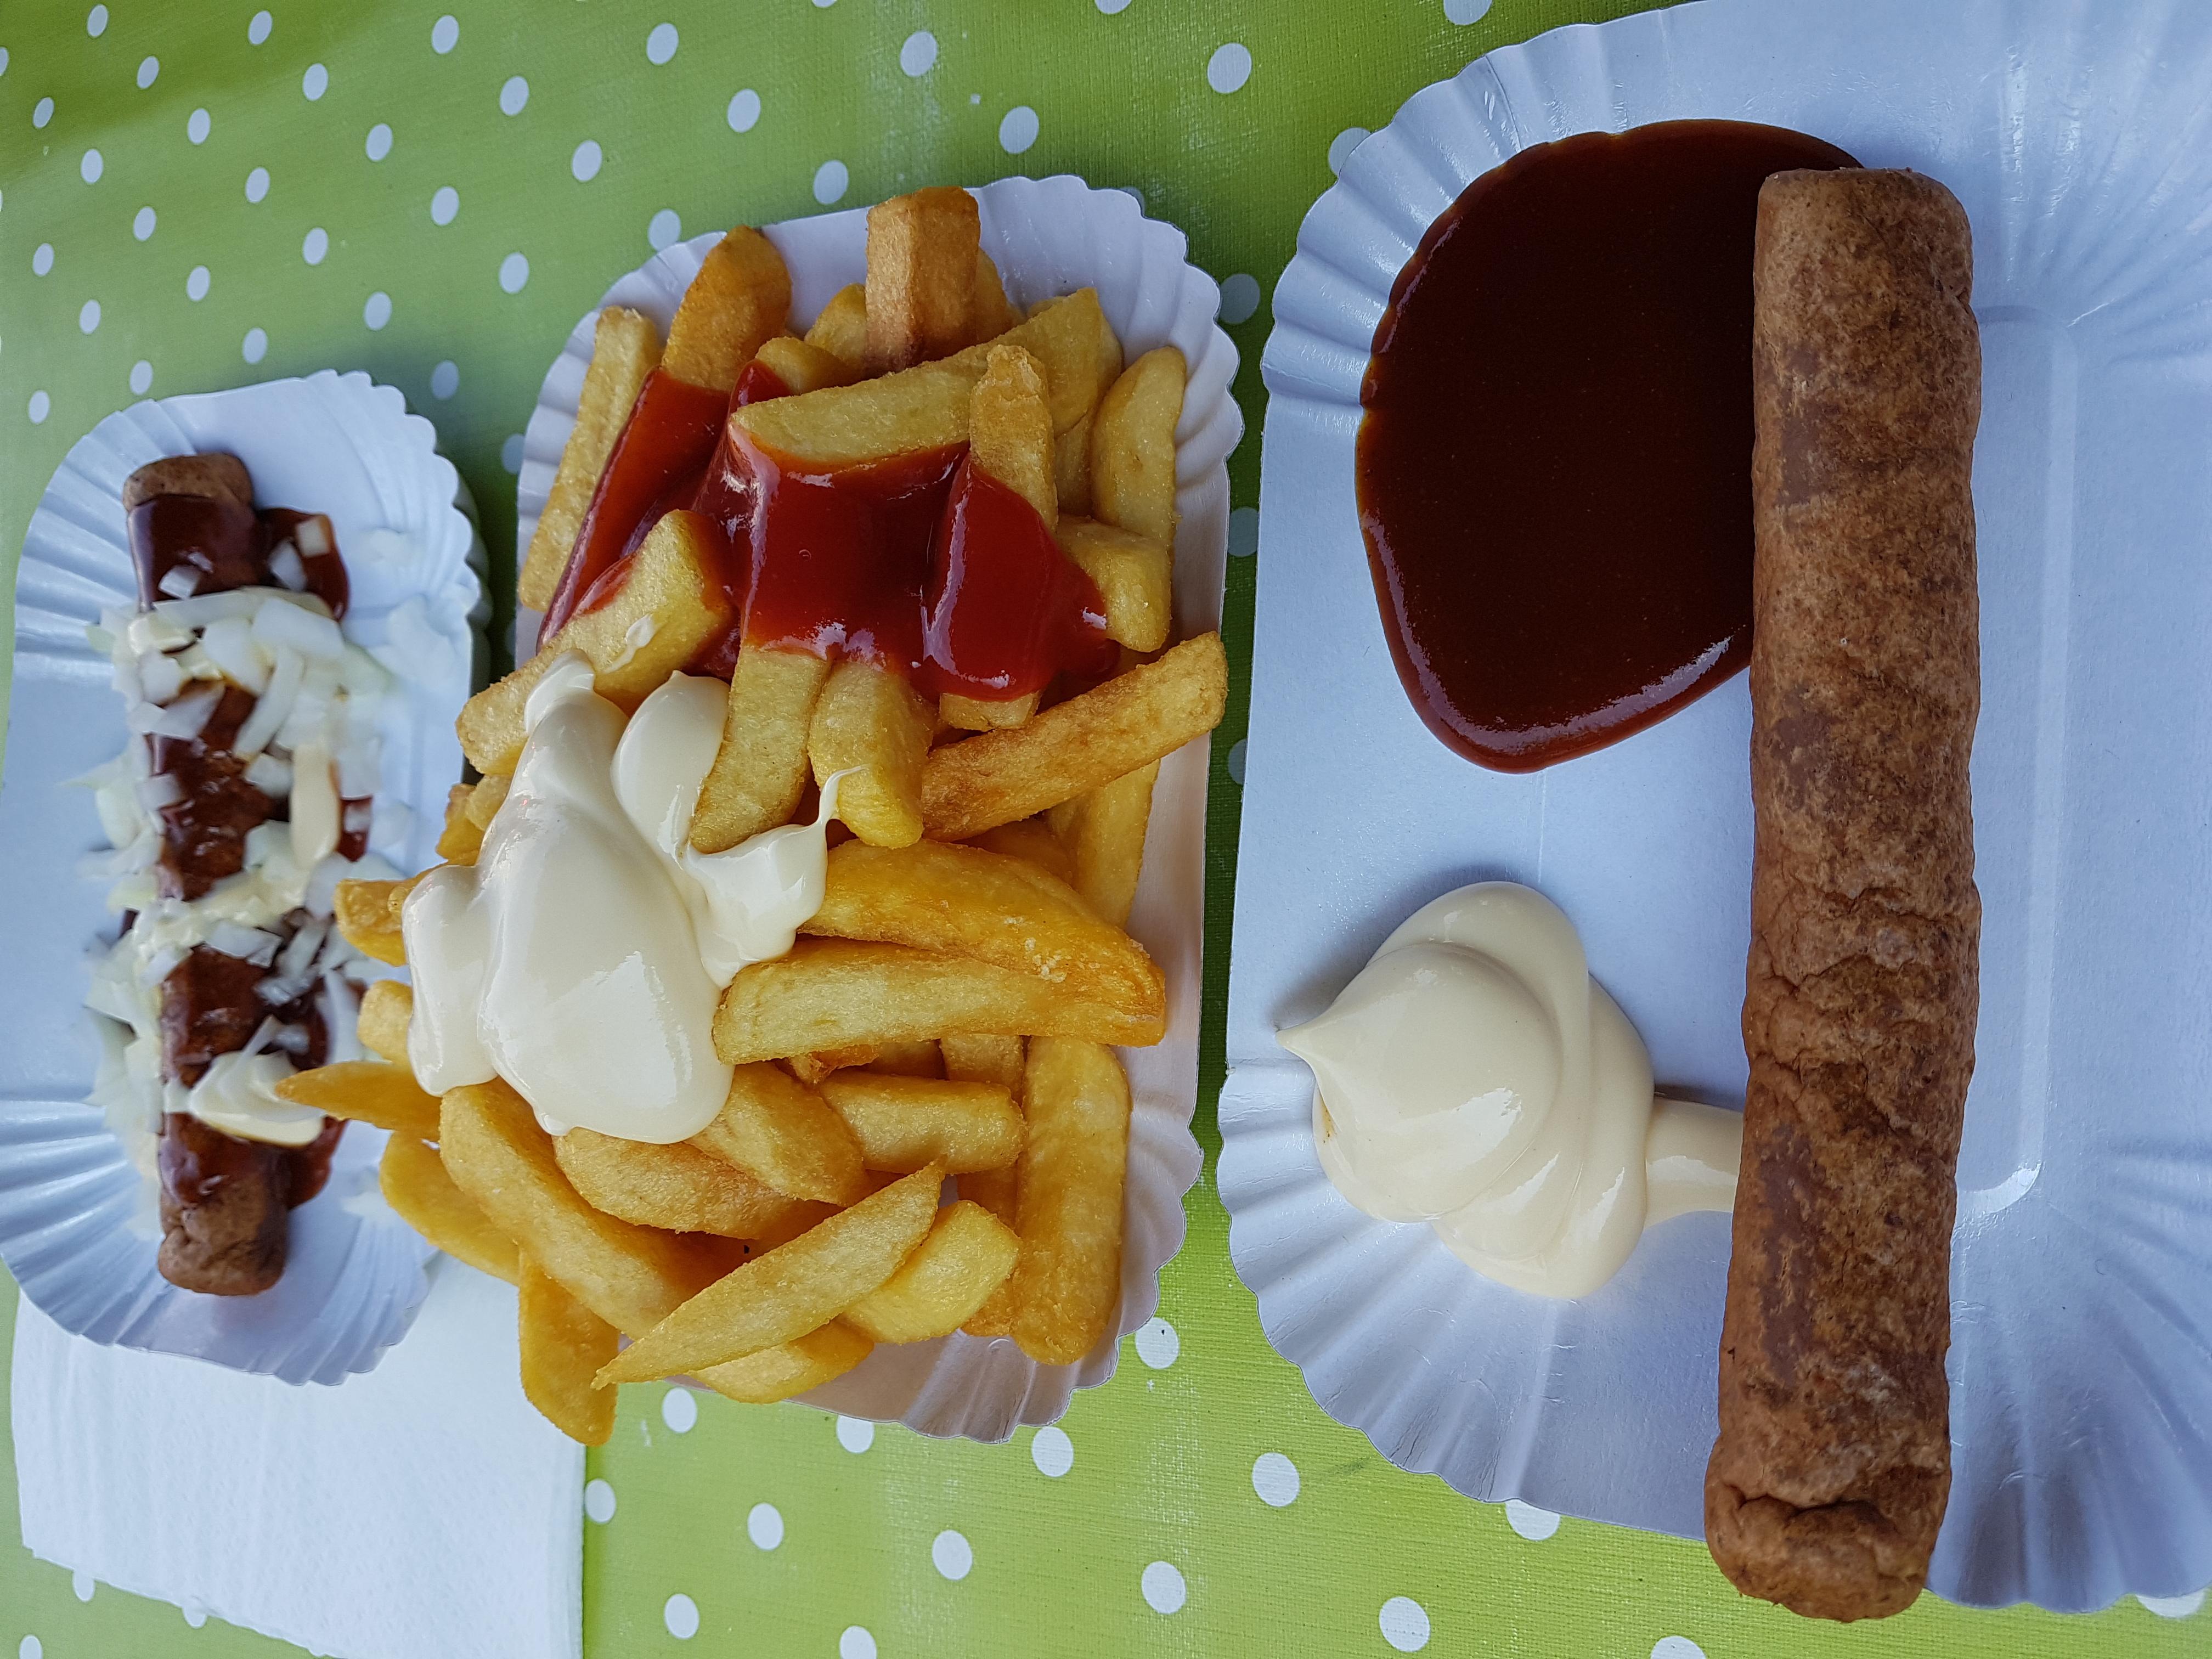 http://foodloader.net/Holz_2017-08-14_Frikandel_mit_Pommes.jpg